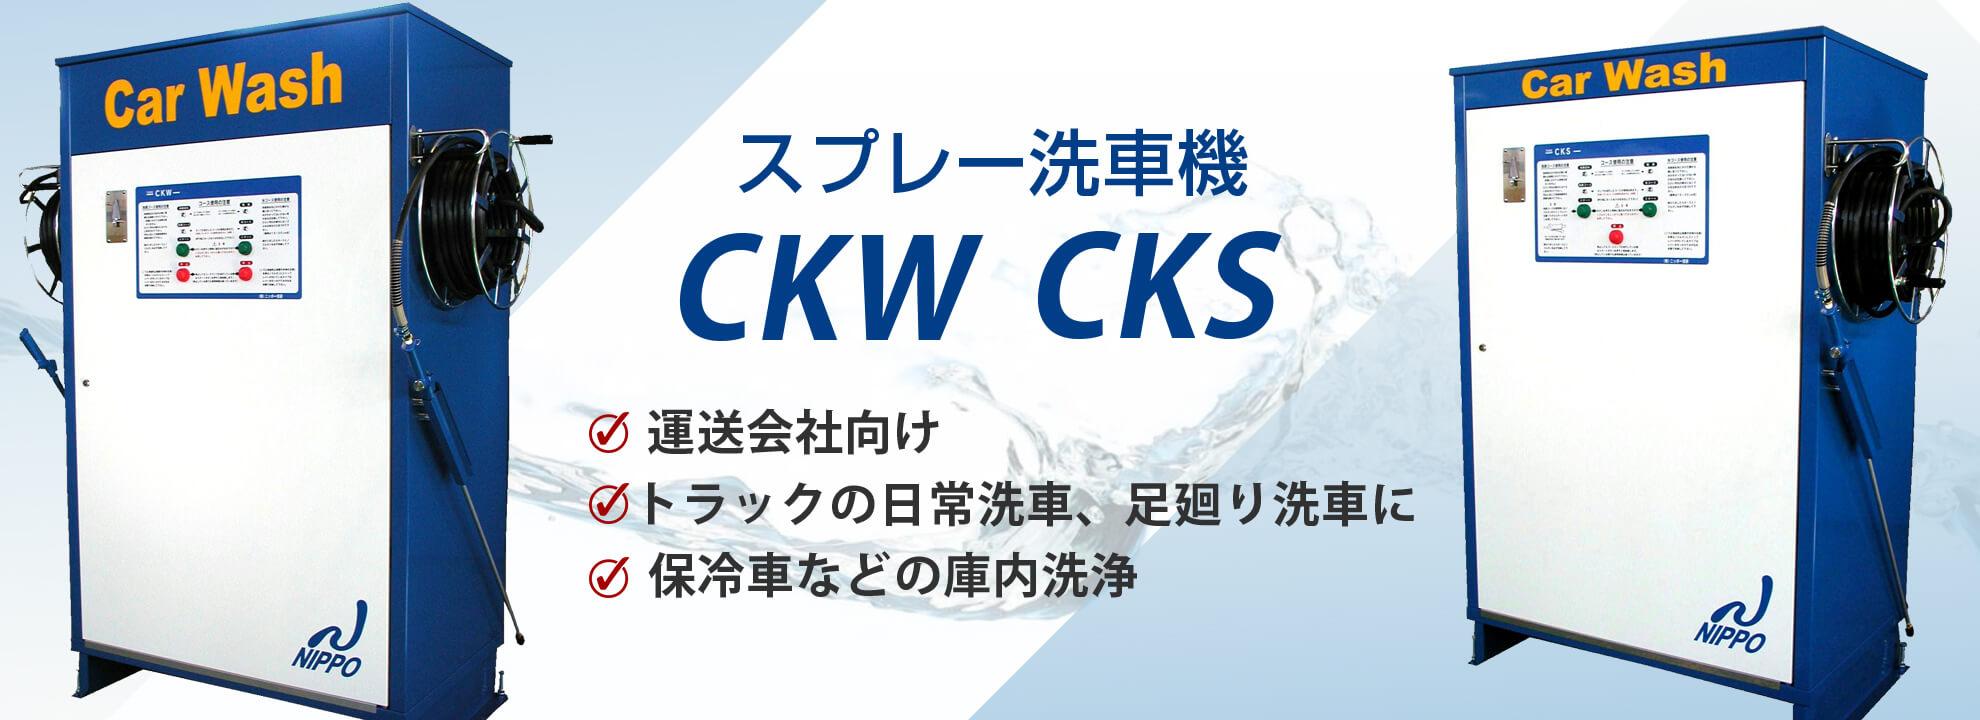 運送会社・トラック向けスプレー洗車機 CKW CKS